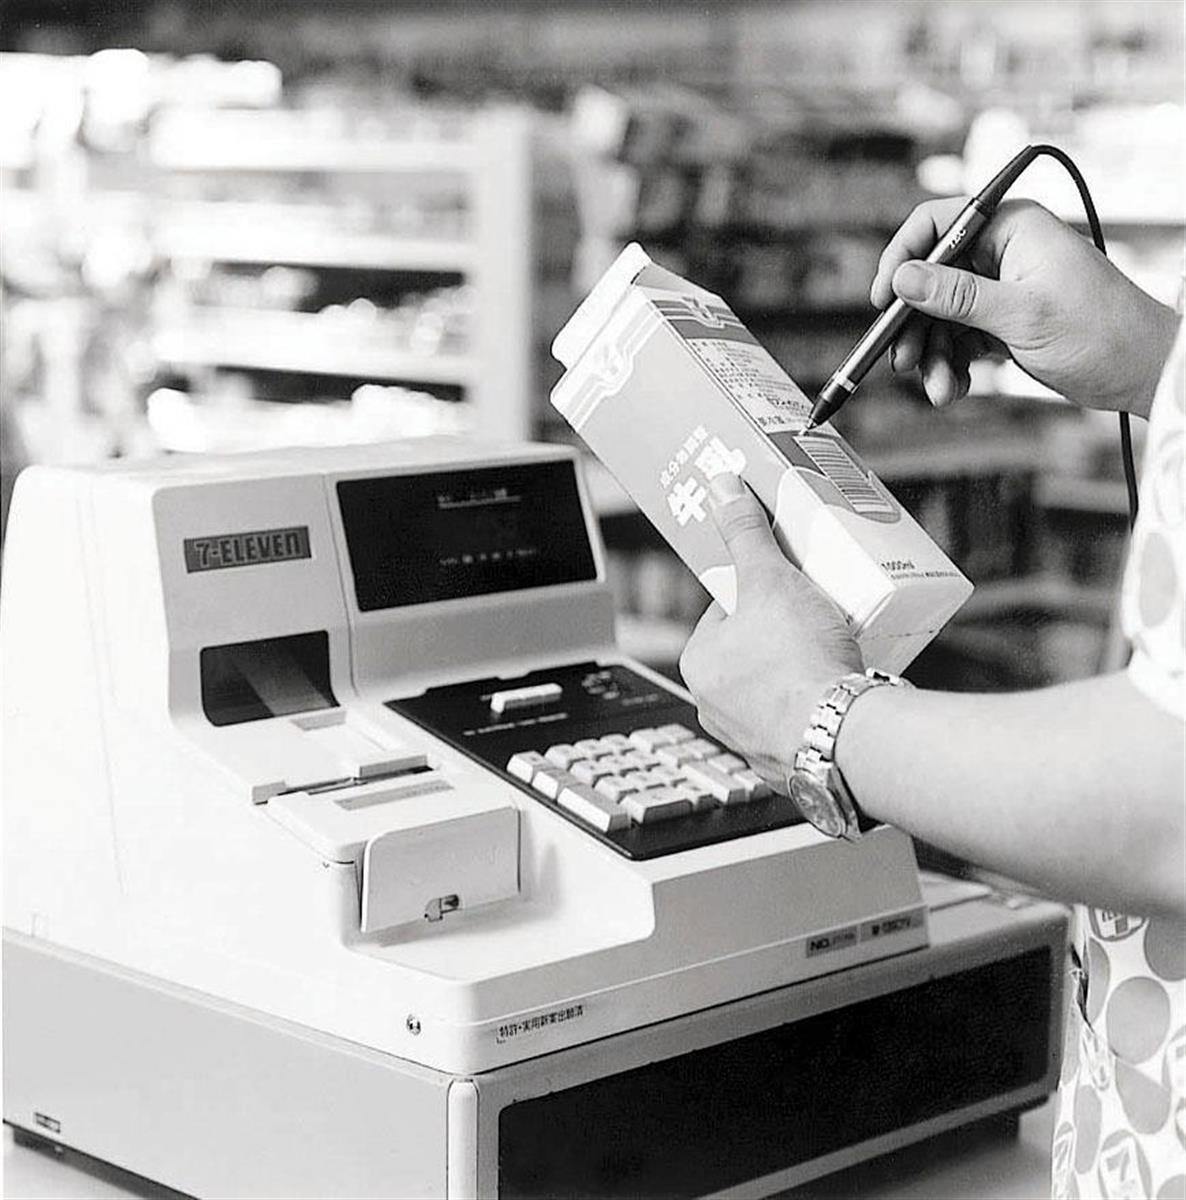 昭和57年秋、セブン-イレブンが店舗導入を開始したPOSシステム搭載のレジスター